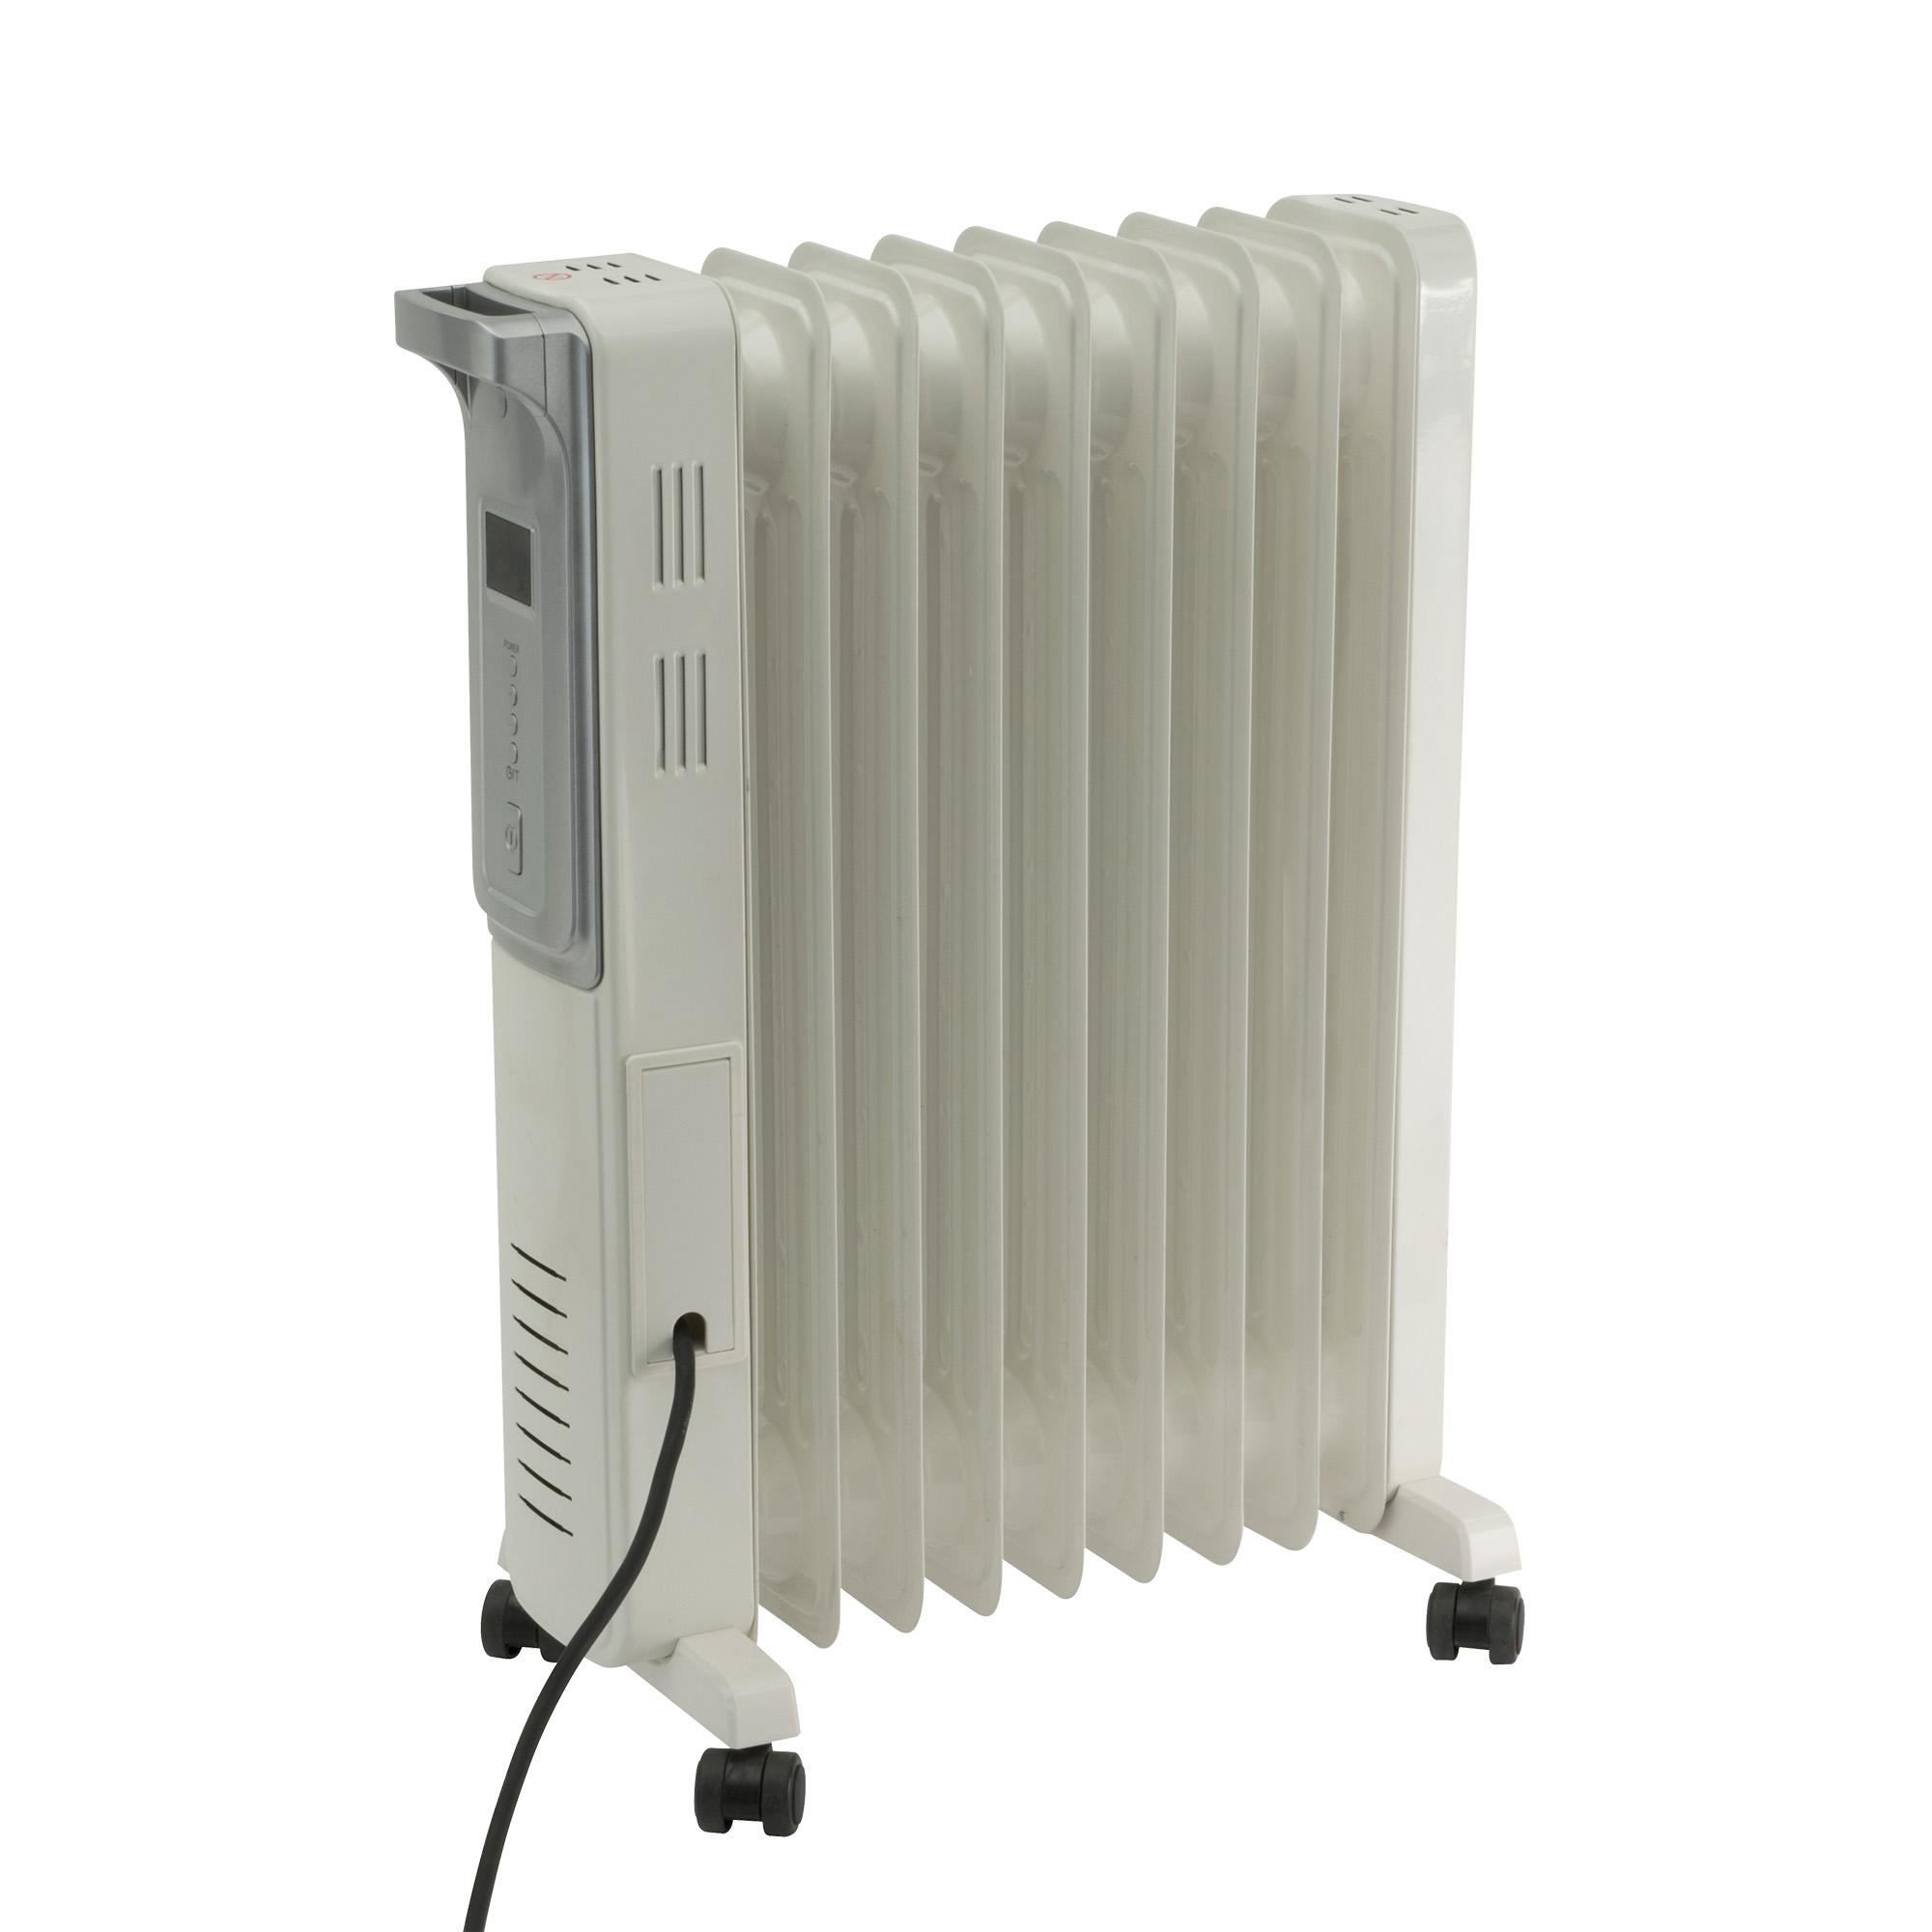 Calorifer electric cu ulei Home by somogyi FKO 9 LCD, 2 panouri convectoare, 2000W, aluminiu, alb, 63 x 44 cm imagine 2021 mathaus